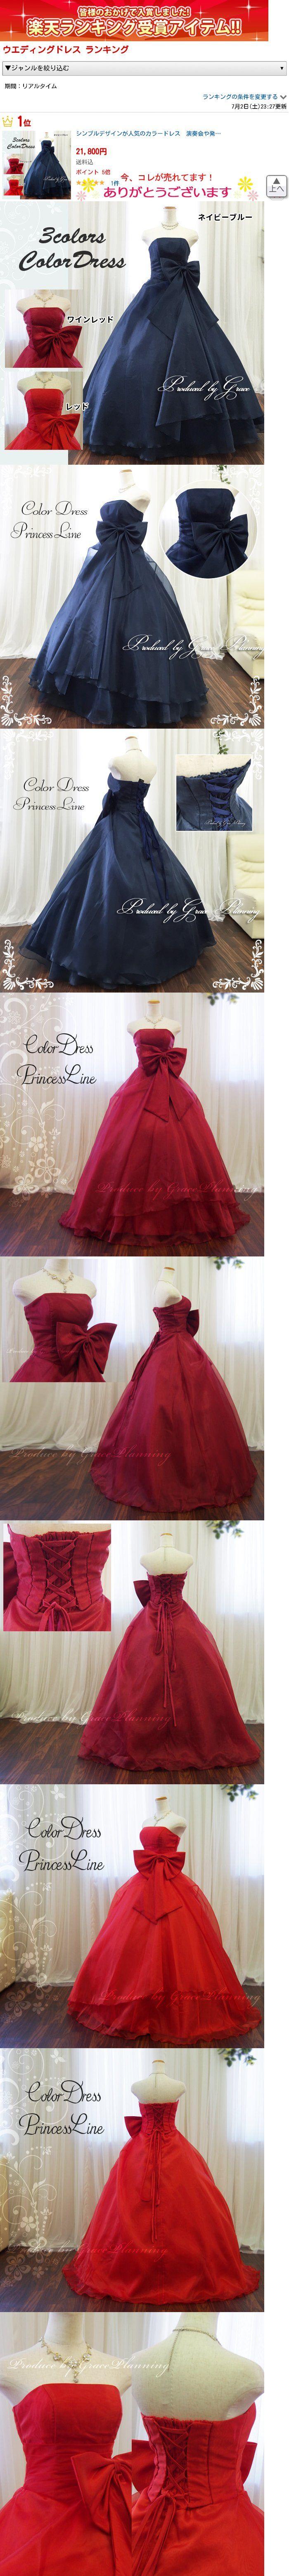 シンプルデザインが人気の落ち着いた感じのカラードレスです。シンプルデザインが人気のカラードレス 演奏会や発表会にも最適なプリンセスライン《5-7号/7-9号/9-11号》ネイビーブルー/ワインレッド/レッド 全3色 結婚式の二次会やパーティやレストランウエディングにも05P01Oct16(G0022502-t)